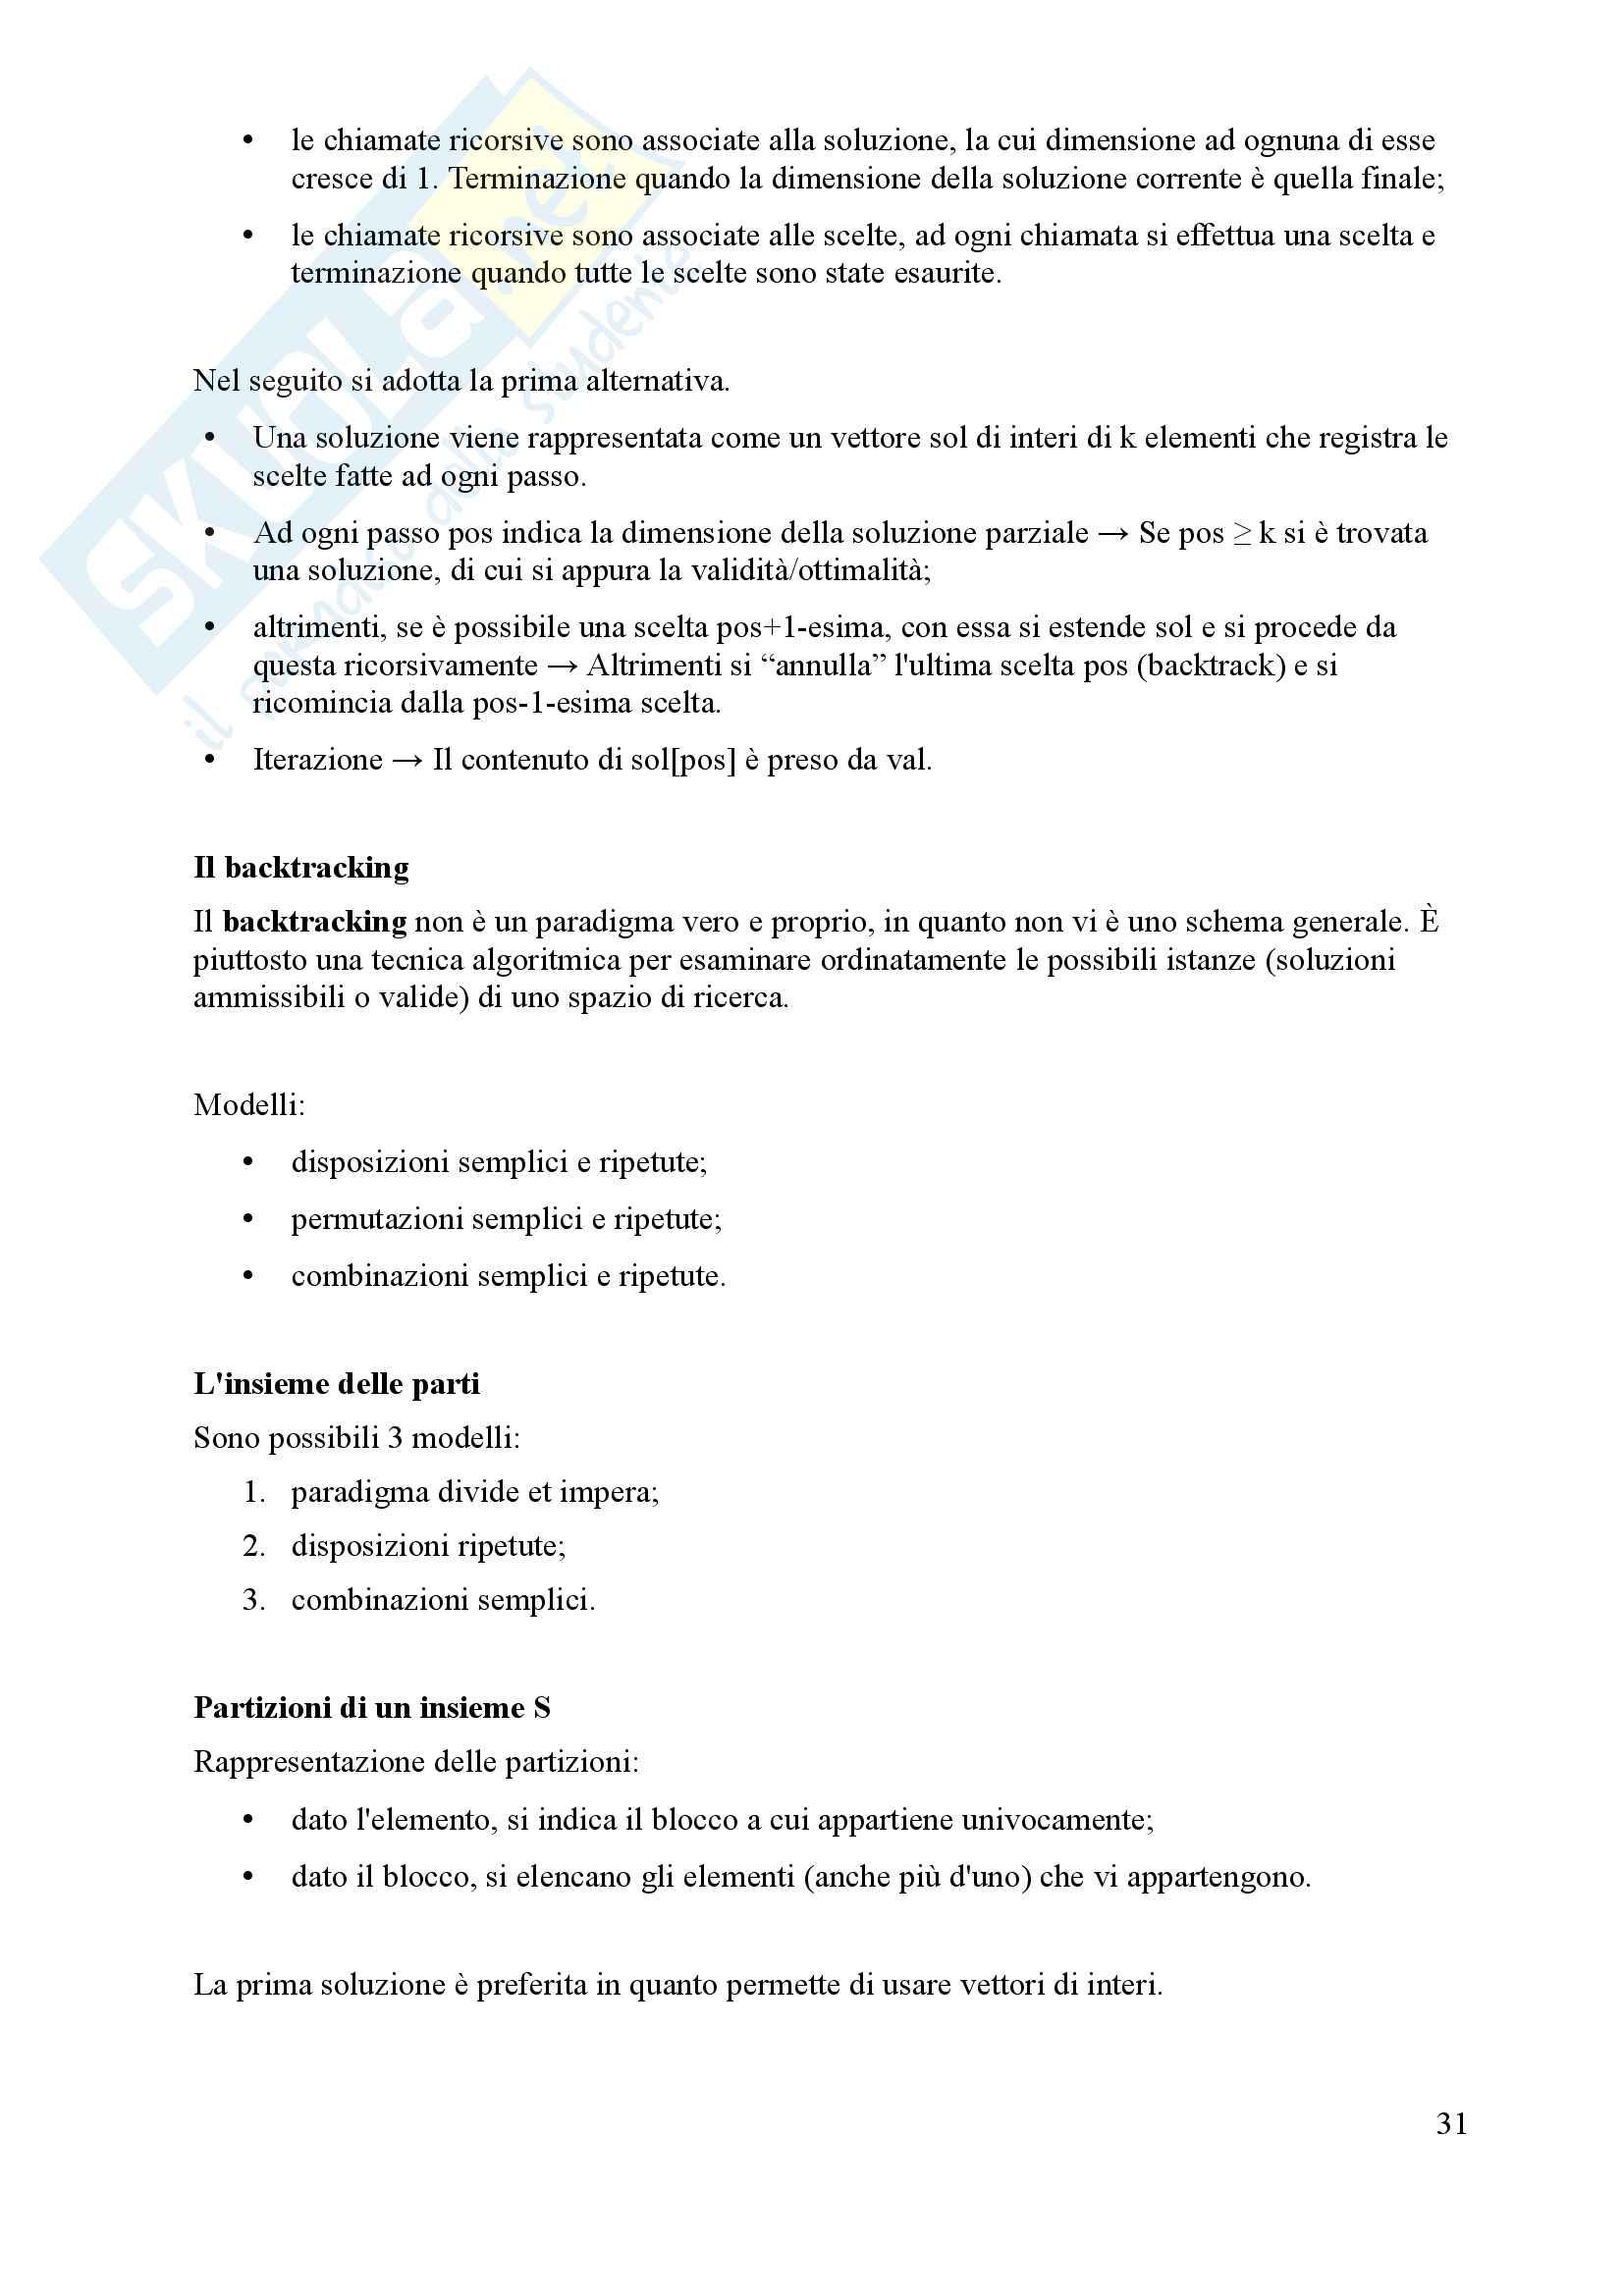 Algoritmi e Programmazione - Appunti Pag. 31